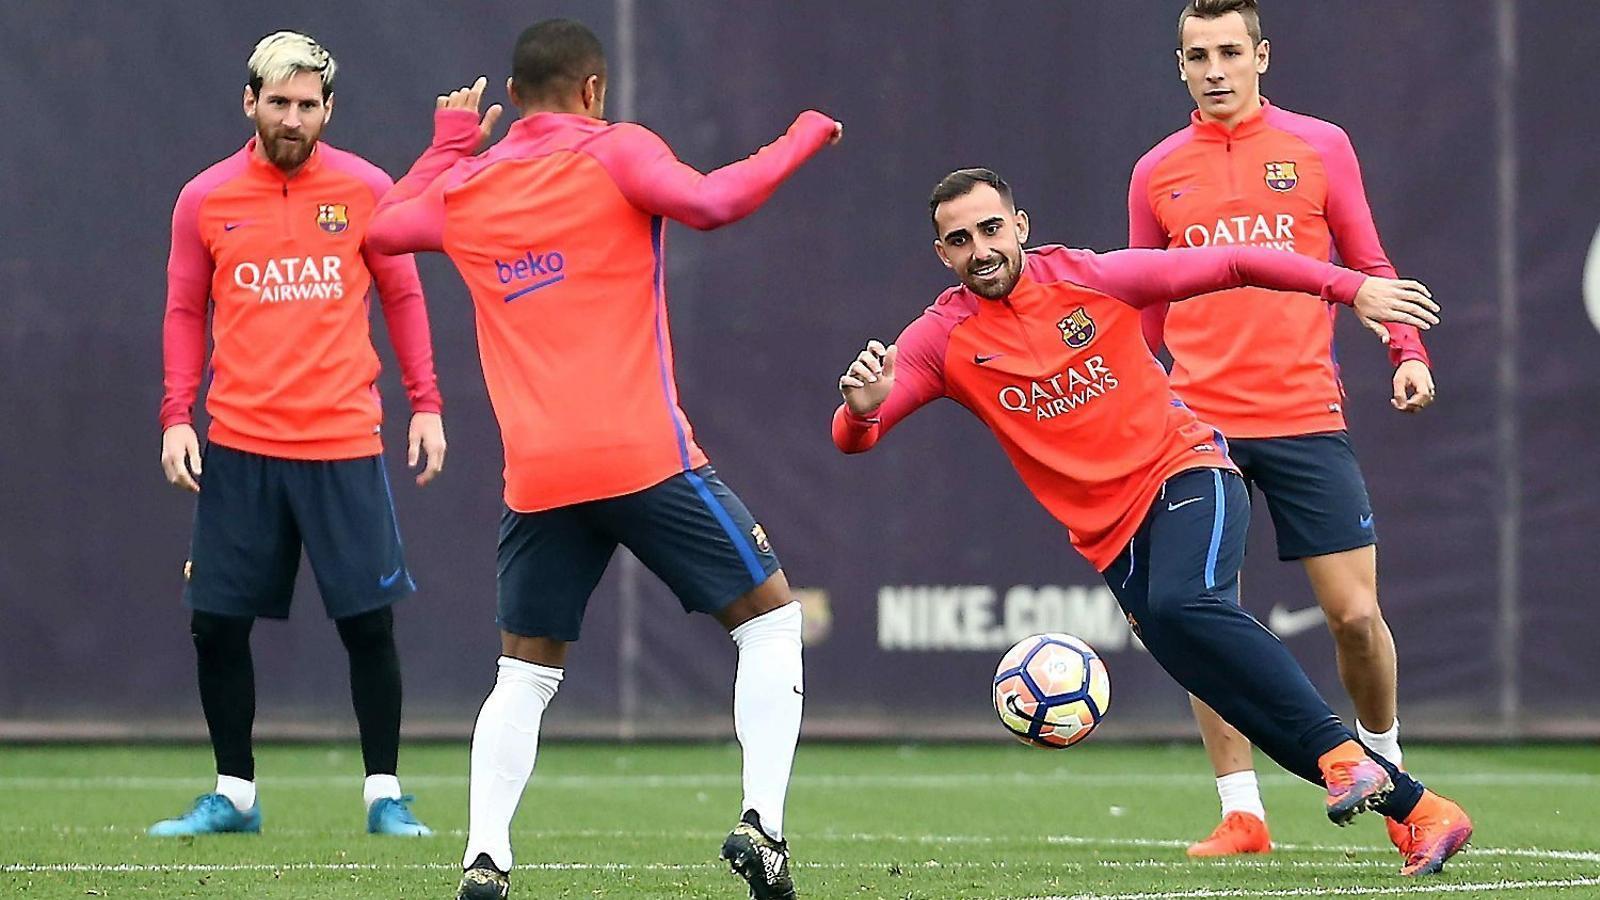 Alcácer lluitant una pilota  en un rondo  sota la mirada  de Messi, Digne i Rafinha, que serà baixa a Mestalla.